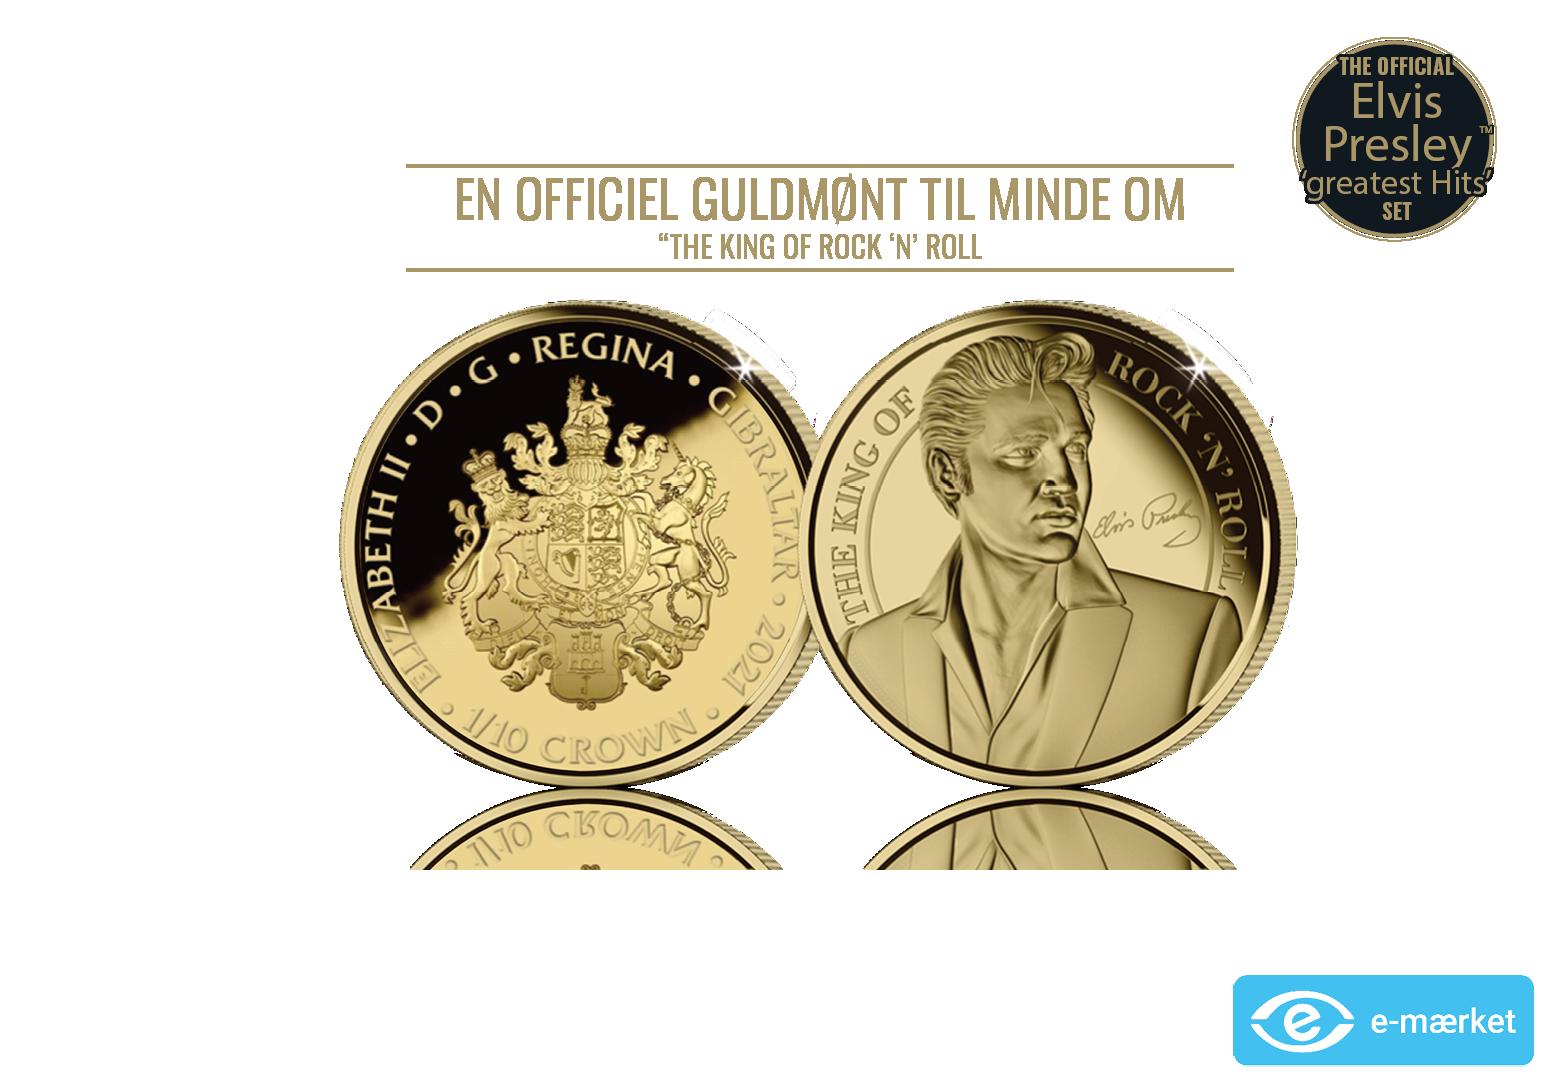 24 karat guldmønt - The King of Rock 'n' Roll eksklusiv 1/10 oz guldmønt